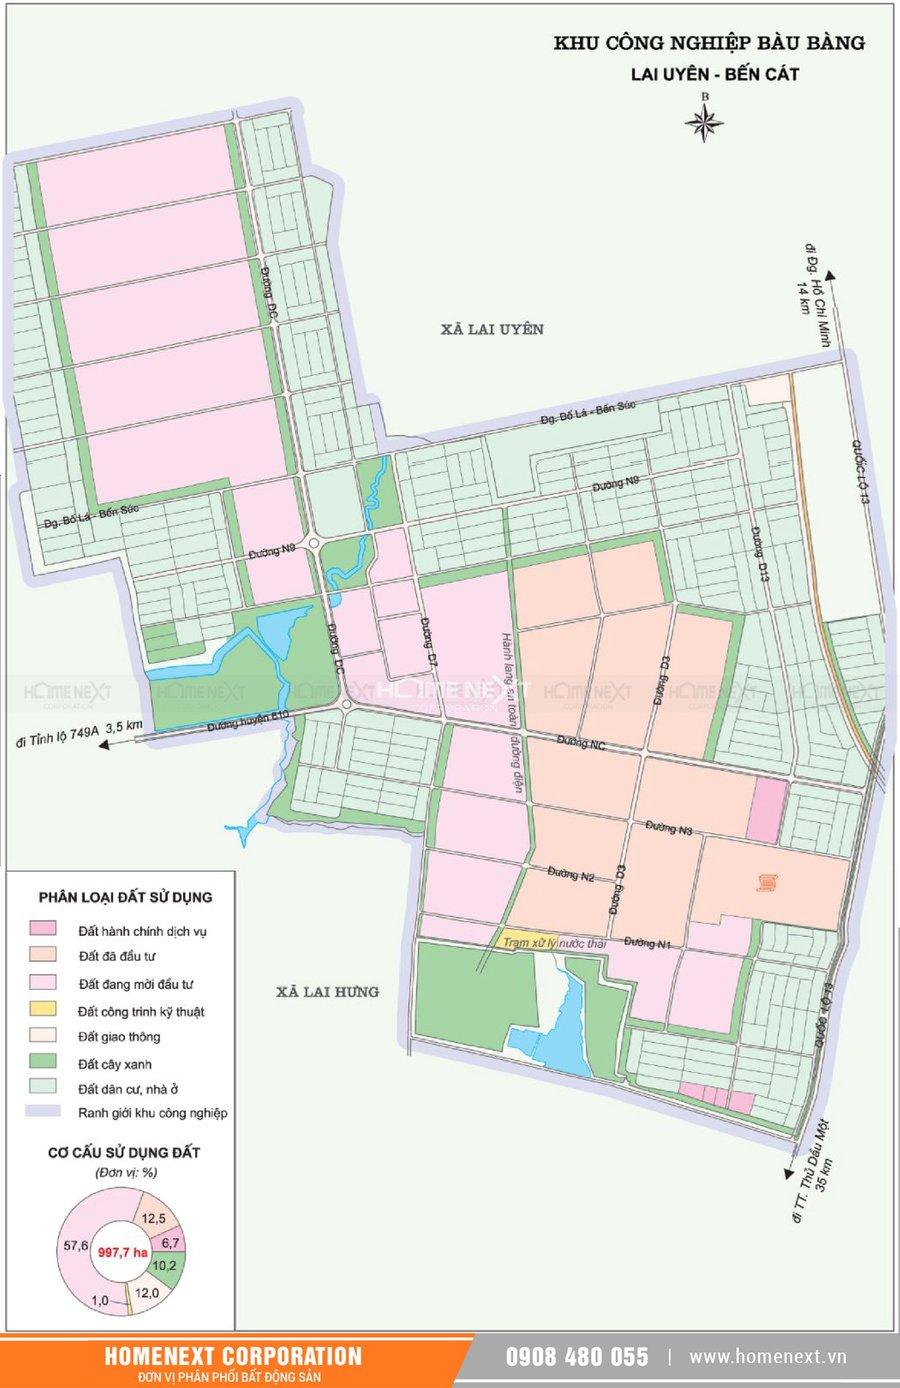 Bản đồ khu công nghiệp Bàu Bàng Bình Dương. Nhấp vào ảnh xem đầy đủ kích thước